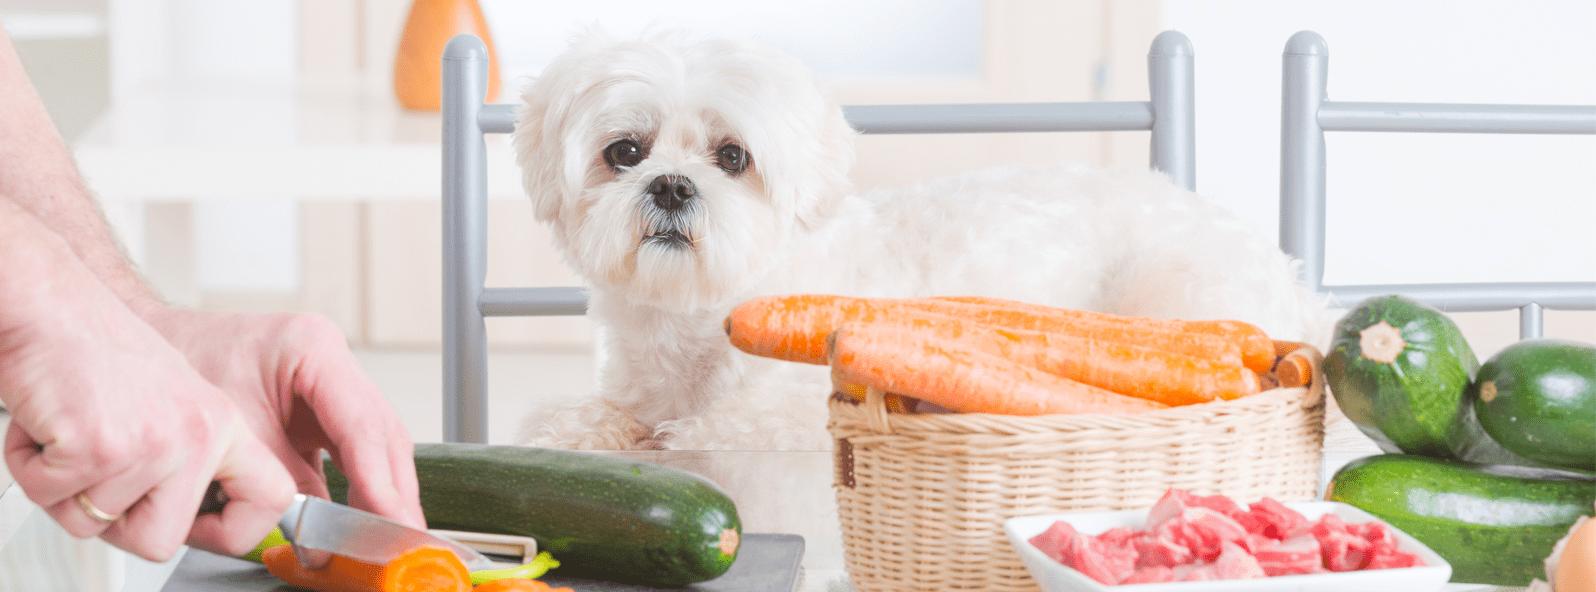 Fellverfärbung beim Hund - ist das Futter schuld?